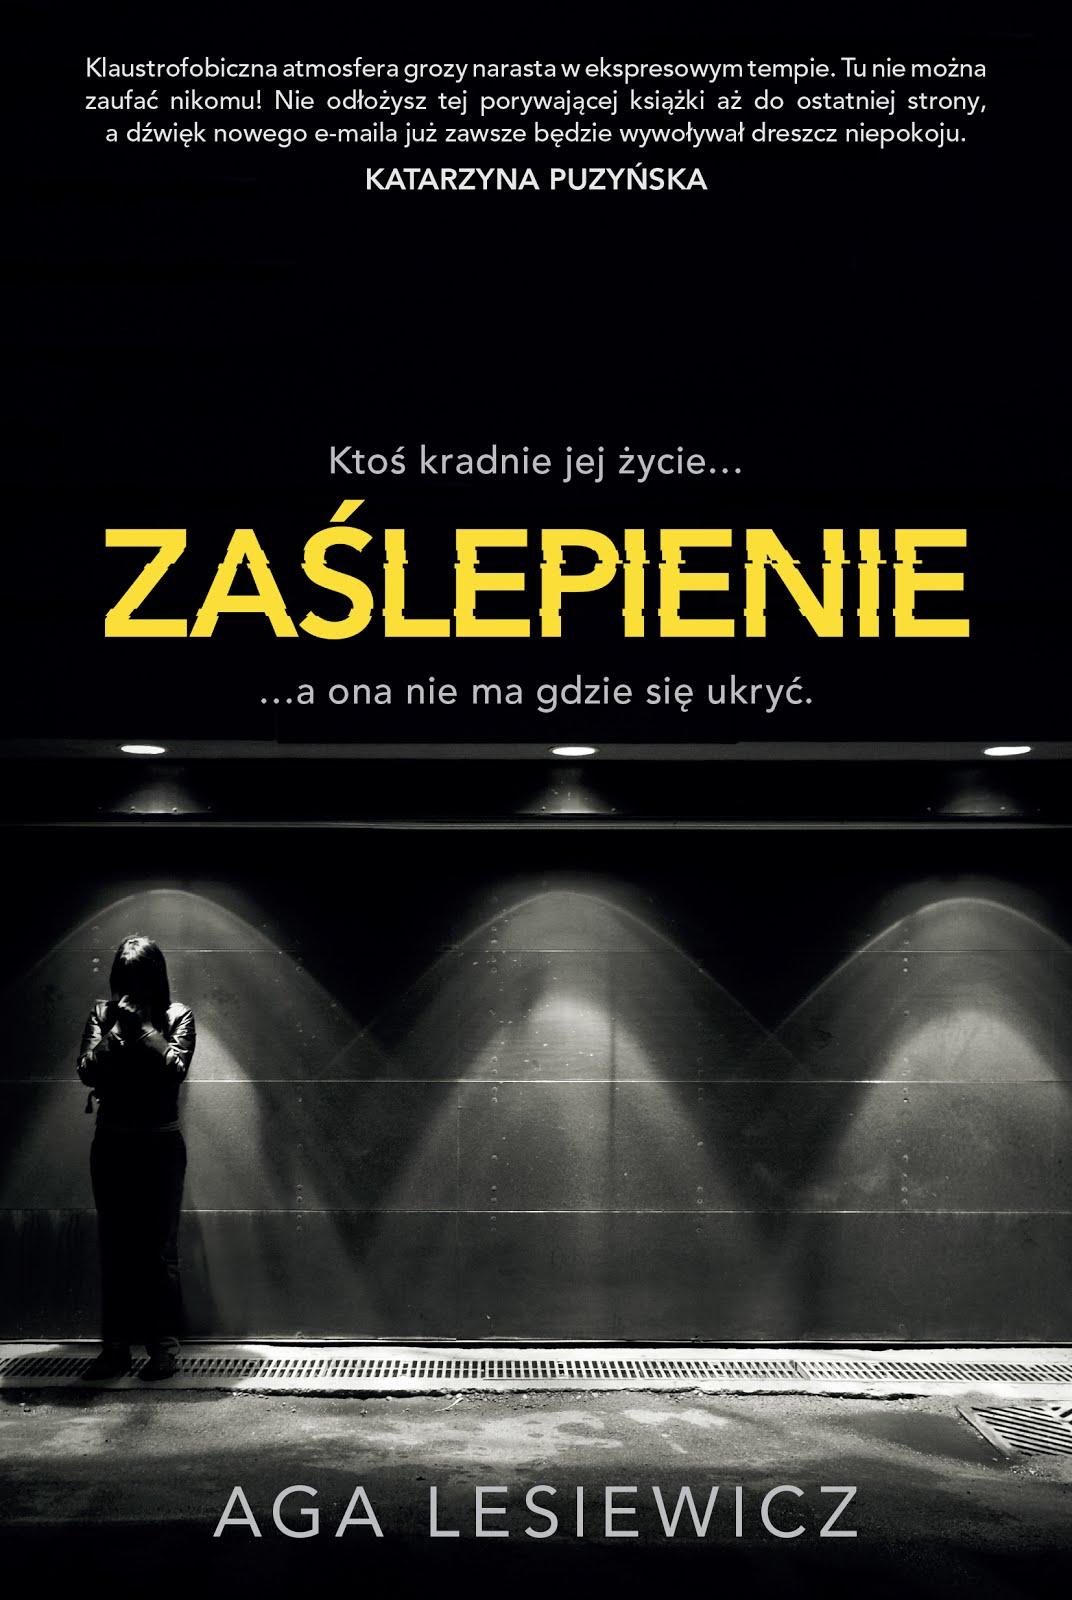 Zaślepienie - Aga Lesiewicz 27.09